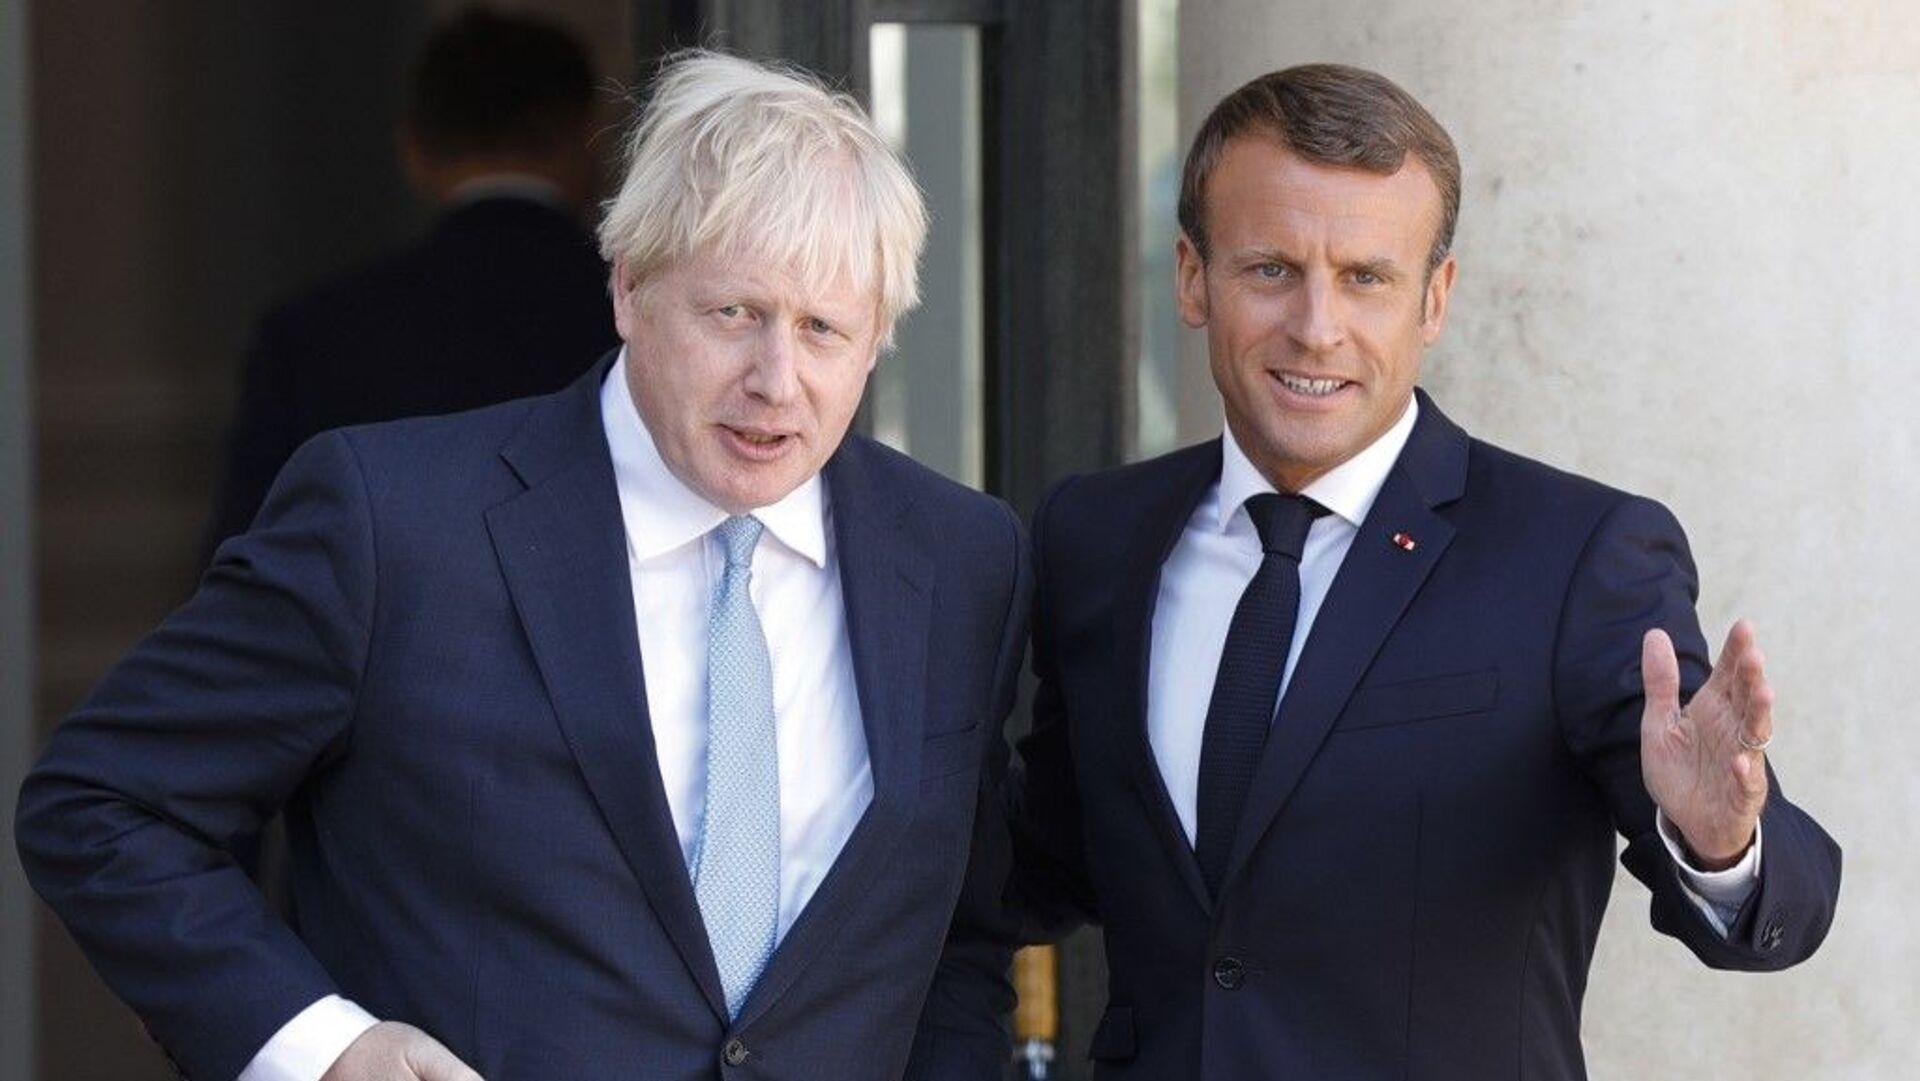 Συνάντηση Μακρόν - Τζόνσον στο Παρίσι, 22 Αυγούστου 2019 - Sputnik Ελλάδα, 1920, 24.09.2021